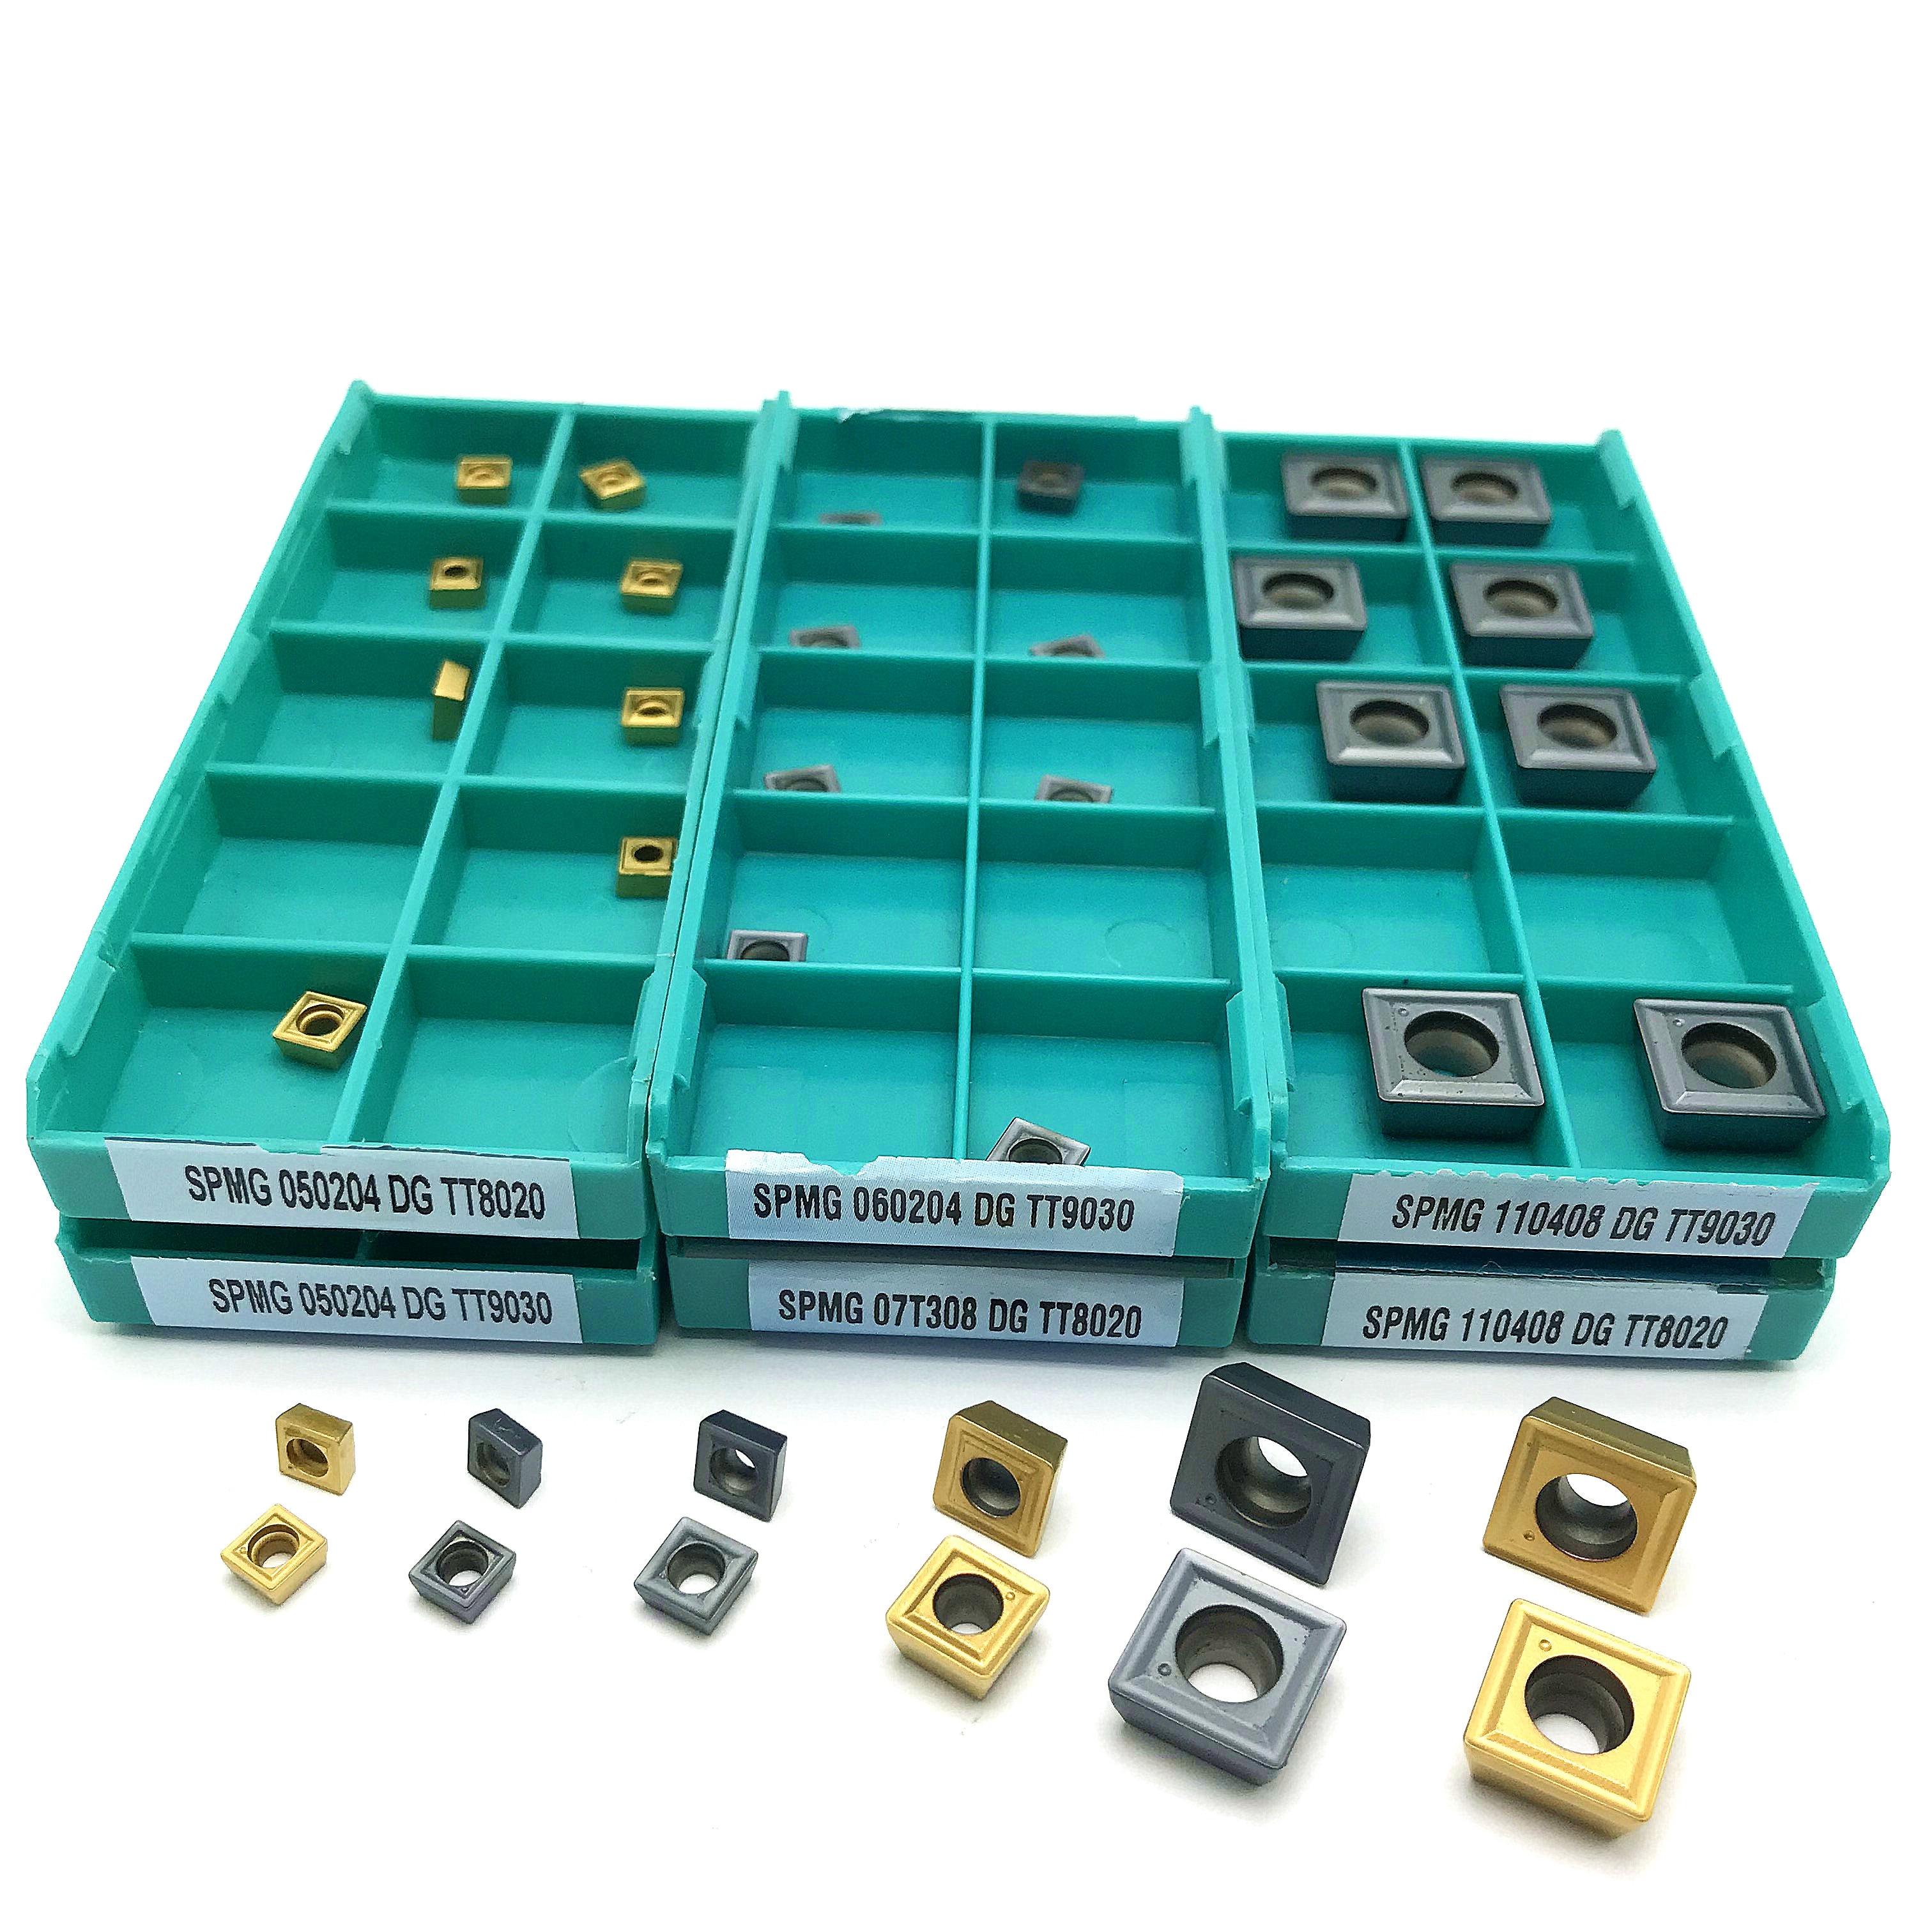 SPMG07T308 DG TT9030 SPMG07T308 DG TT8020 Carbide Insert U-Drilling Tool Lathe Tool SPMG 07T308 Indexable Milling Tool